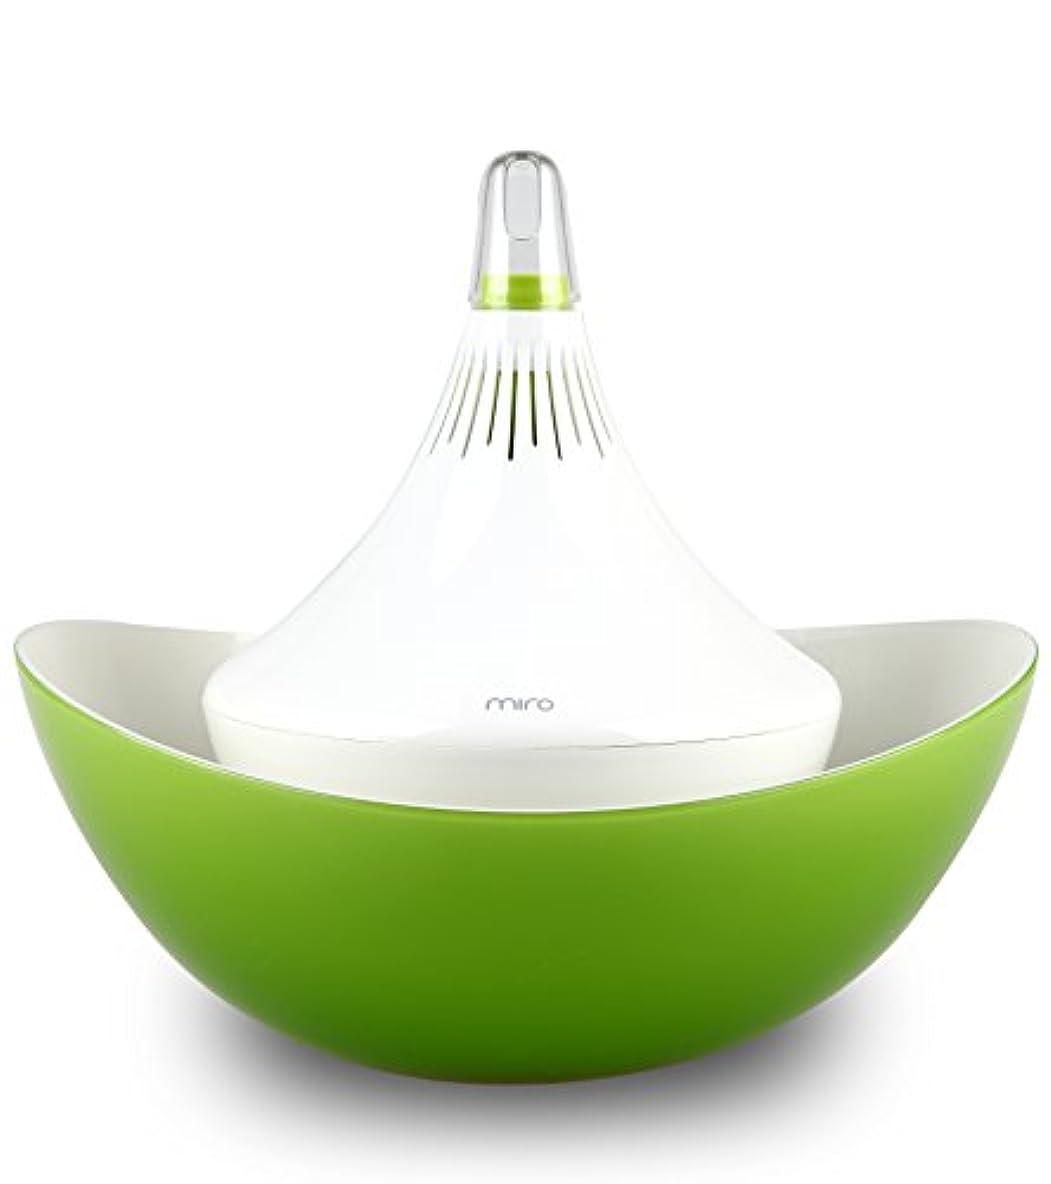 インクぼんやりした白菜Miro CleanPot Cool-Mist Humidifier and Aroma Oil Diffuser - (Bowl included) by Miro